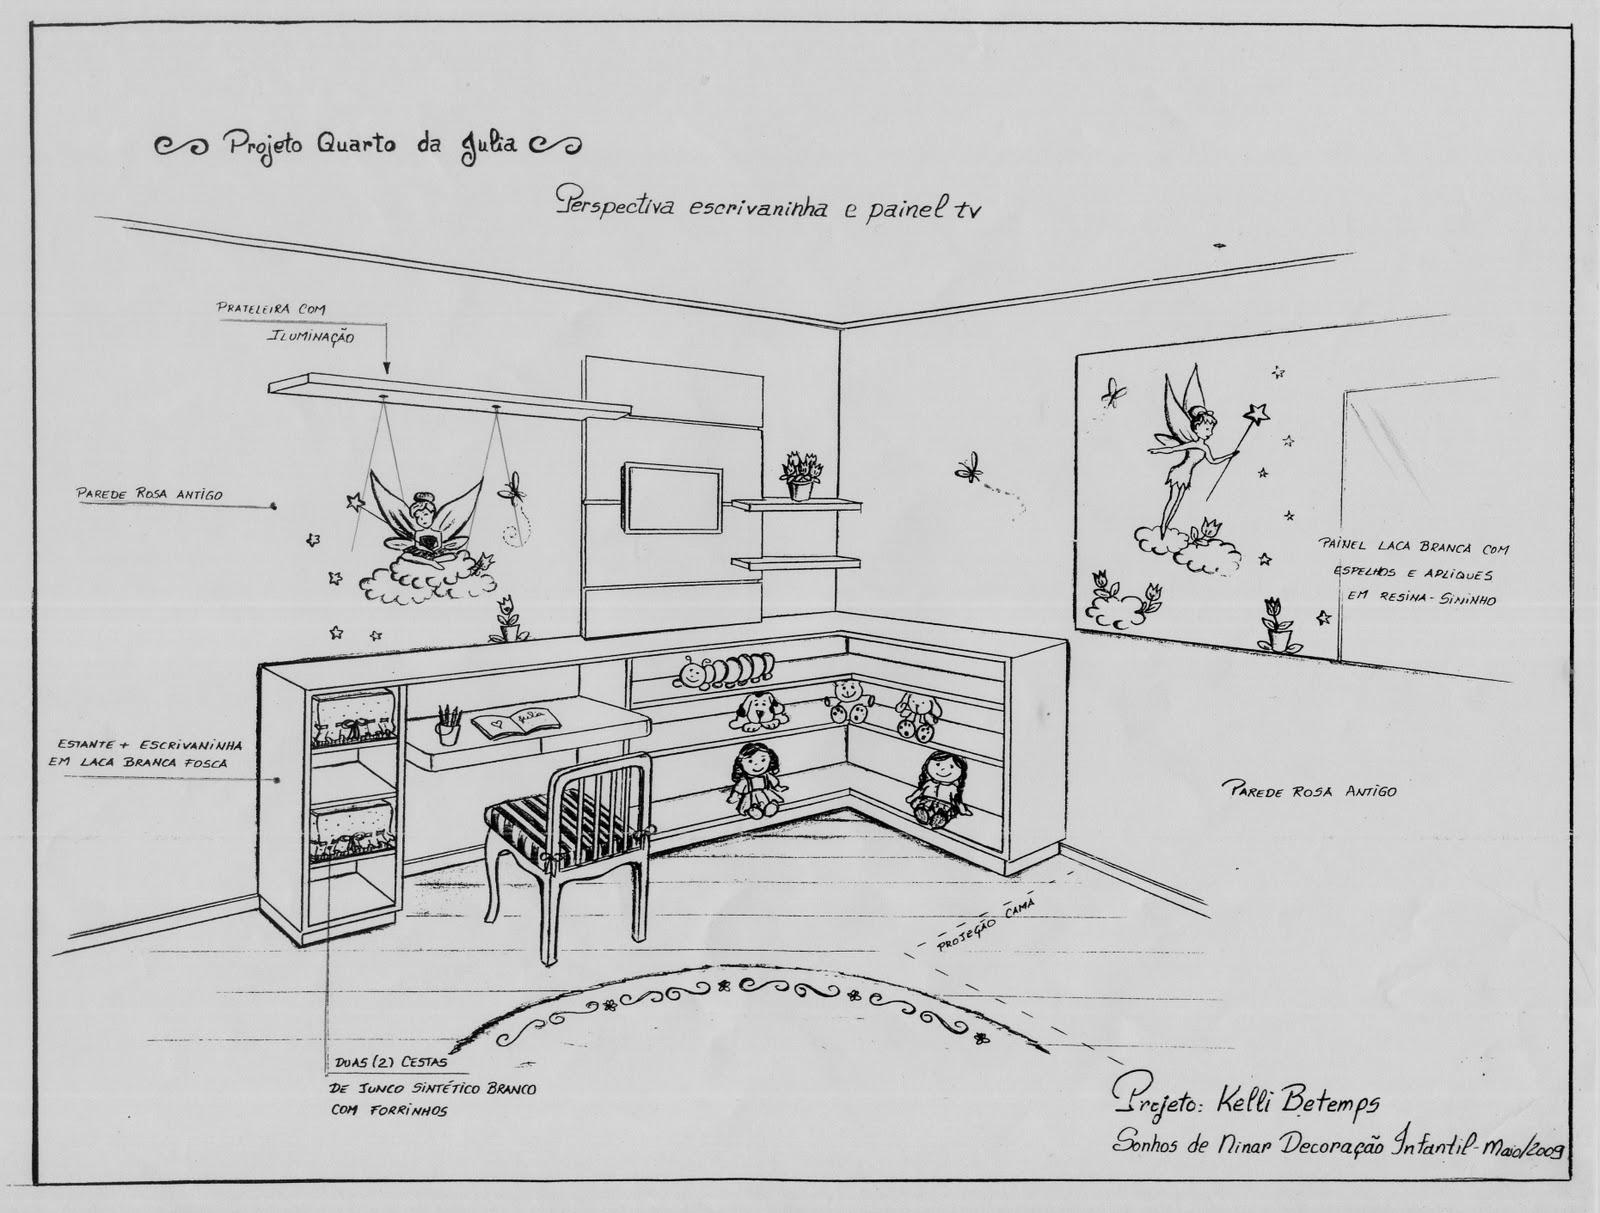 Escrivaninha estante de brinquedos e painel para tv #3C3C3C 1600x1213